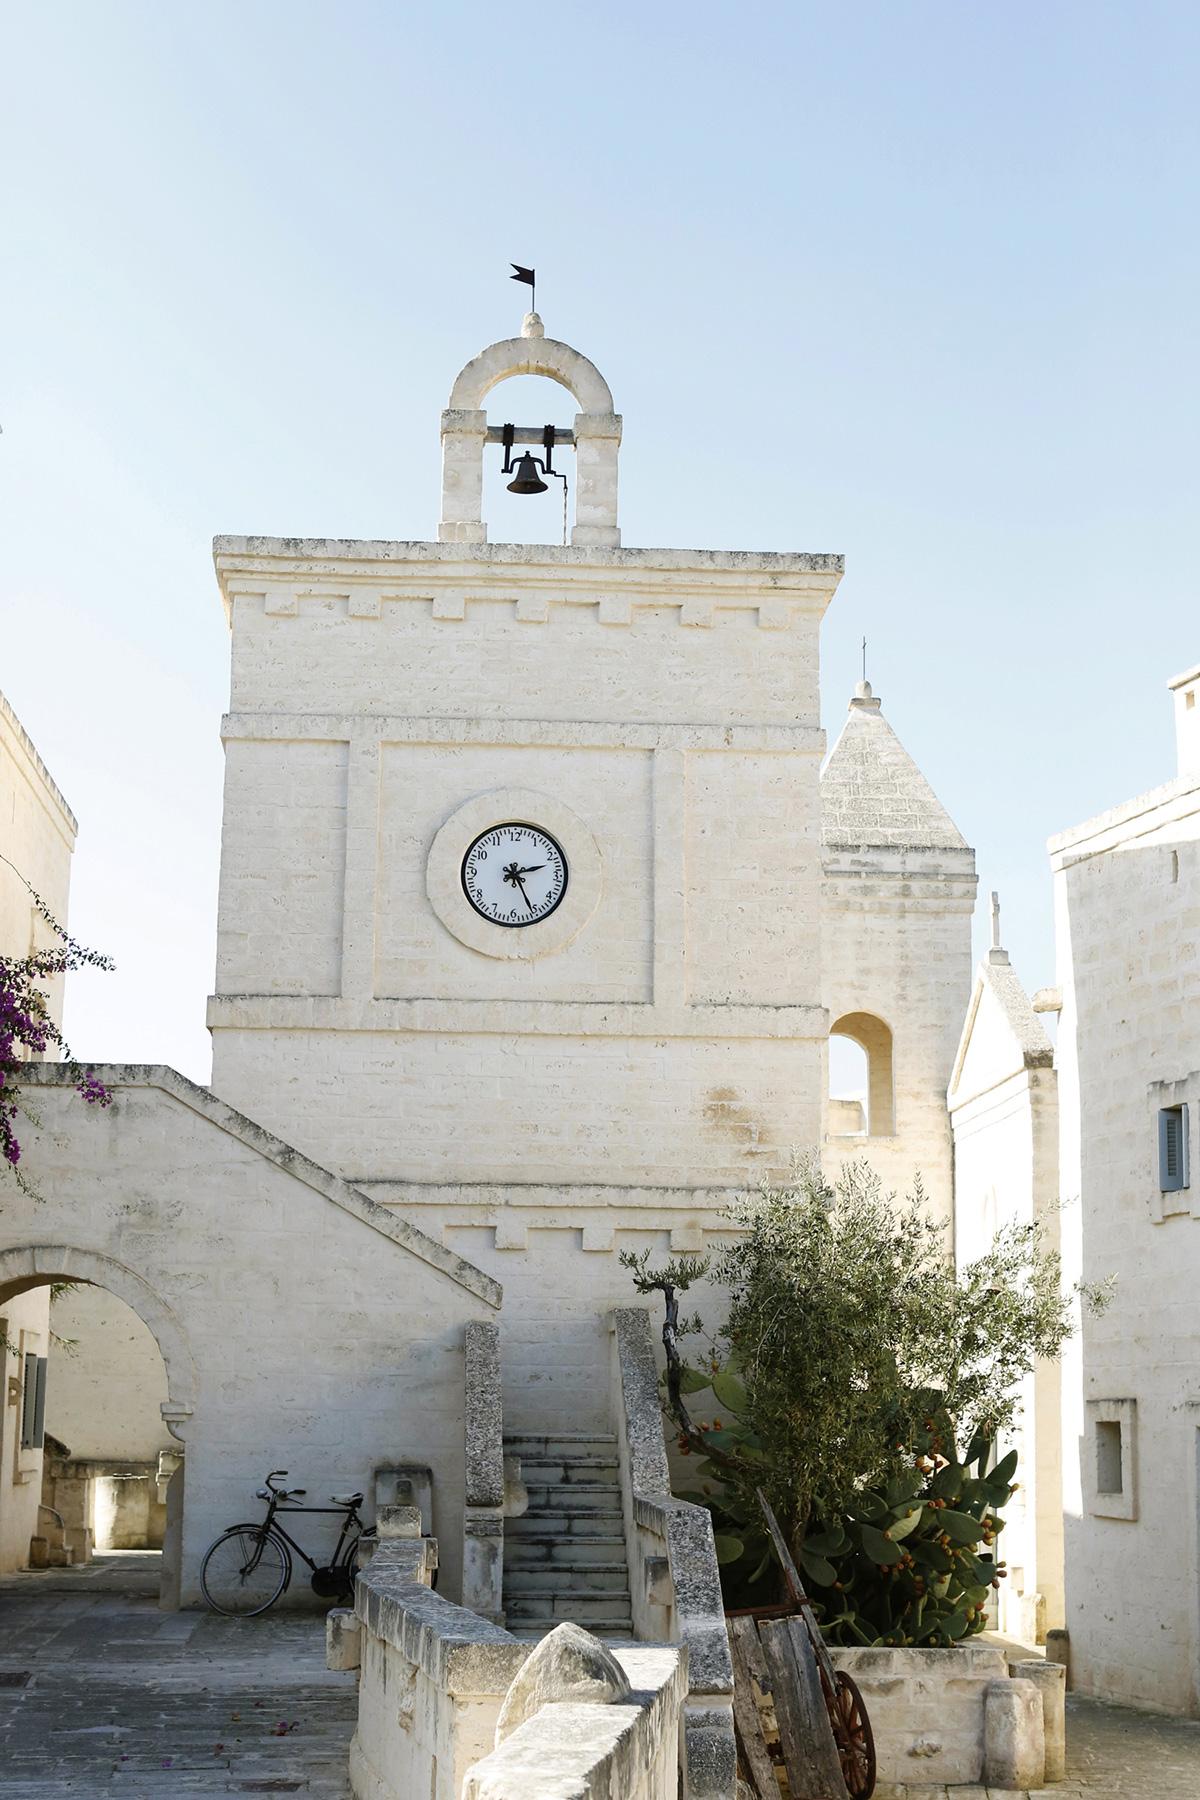 يوميات الكنيسة في بوليا سفر belathee